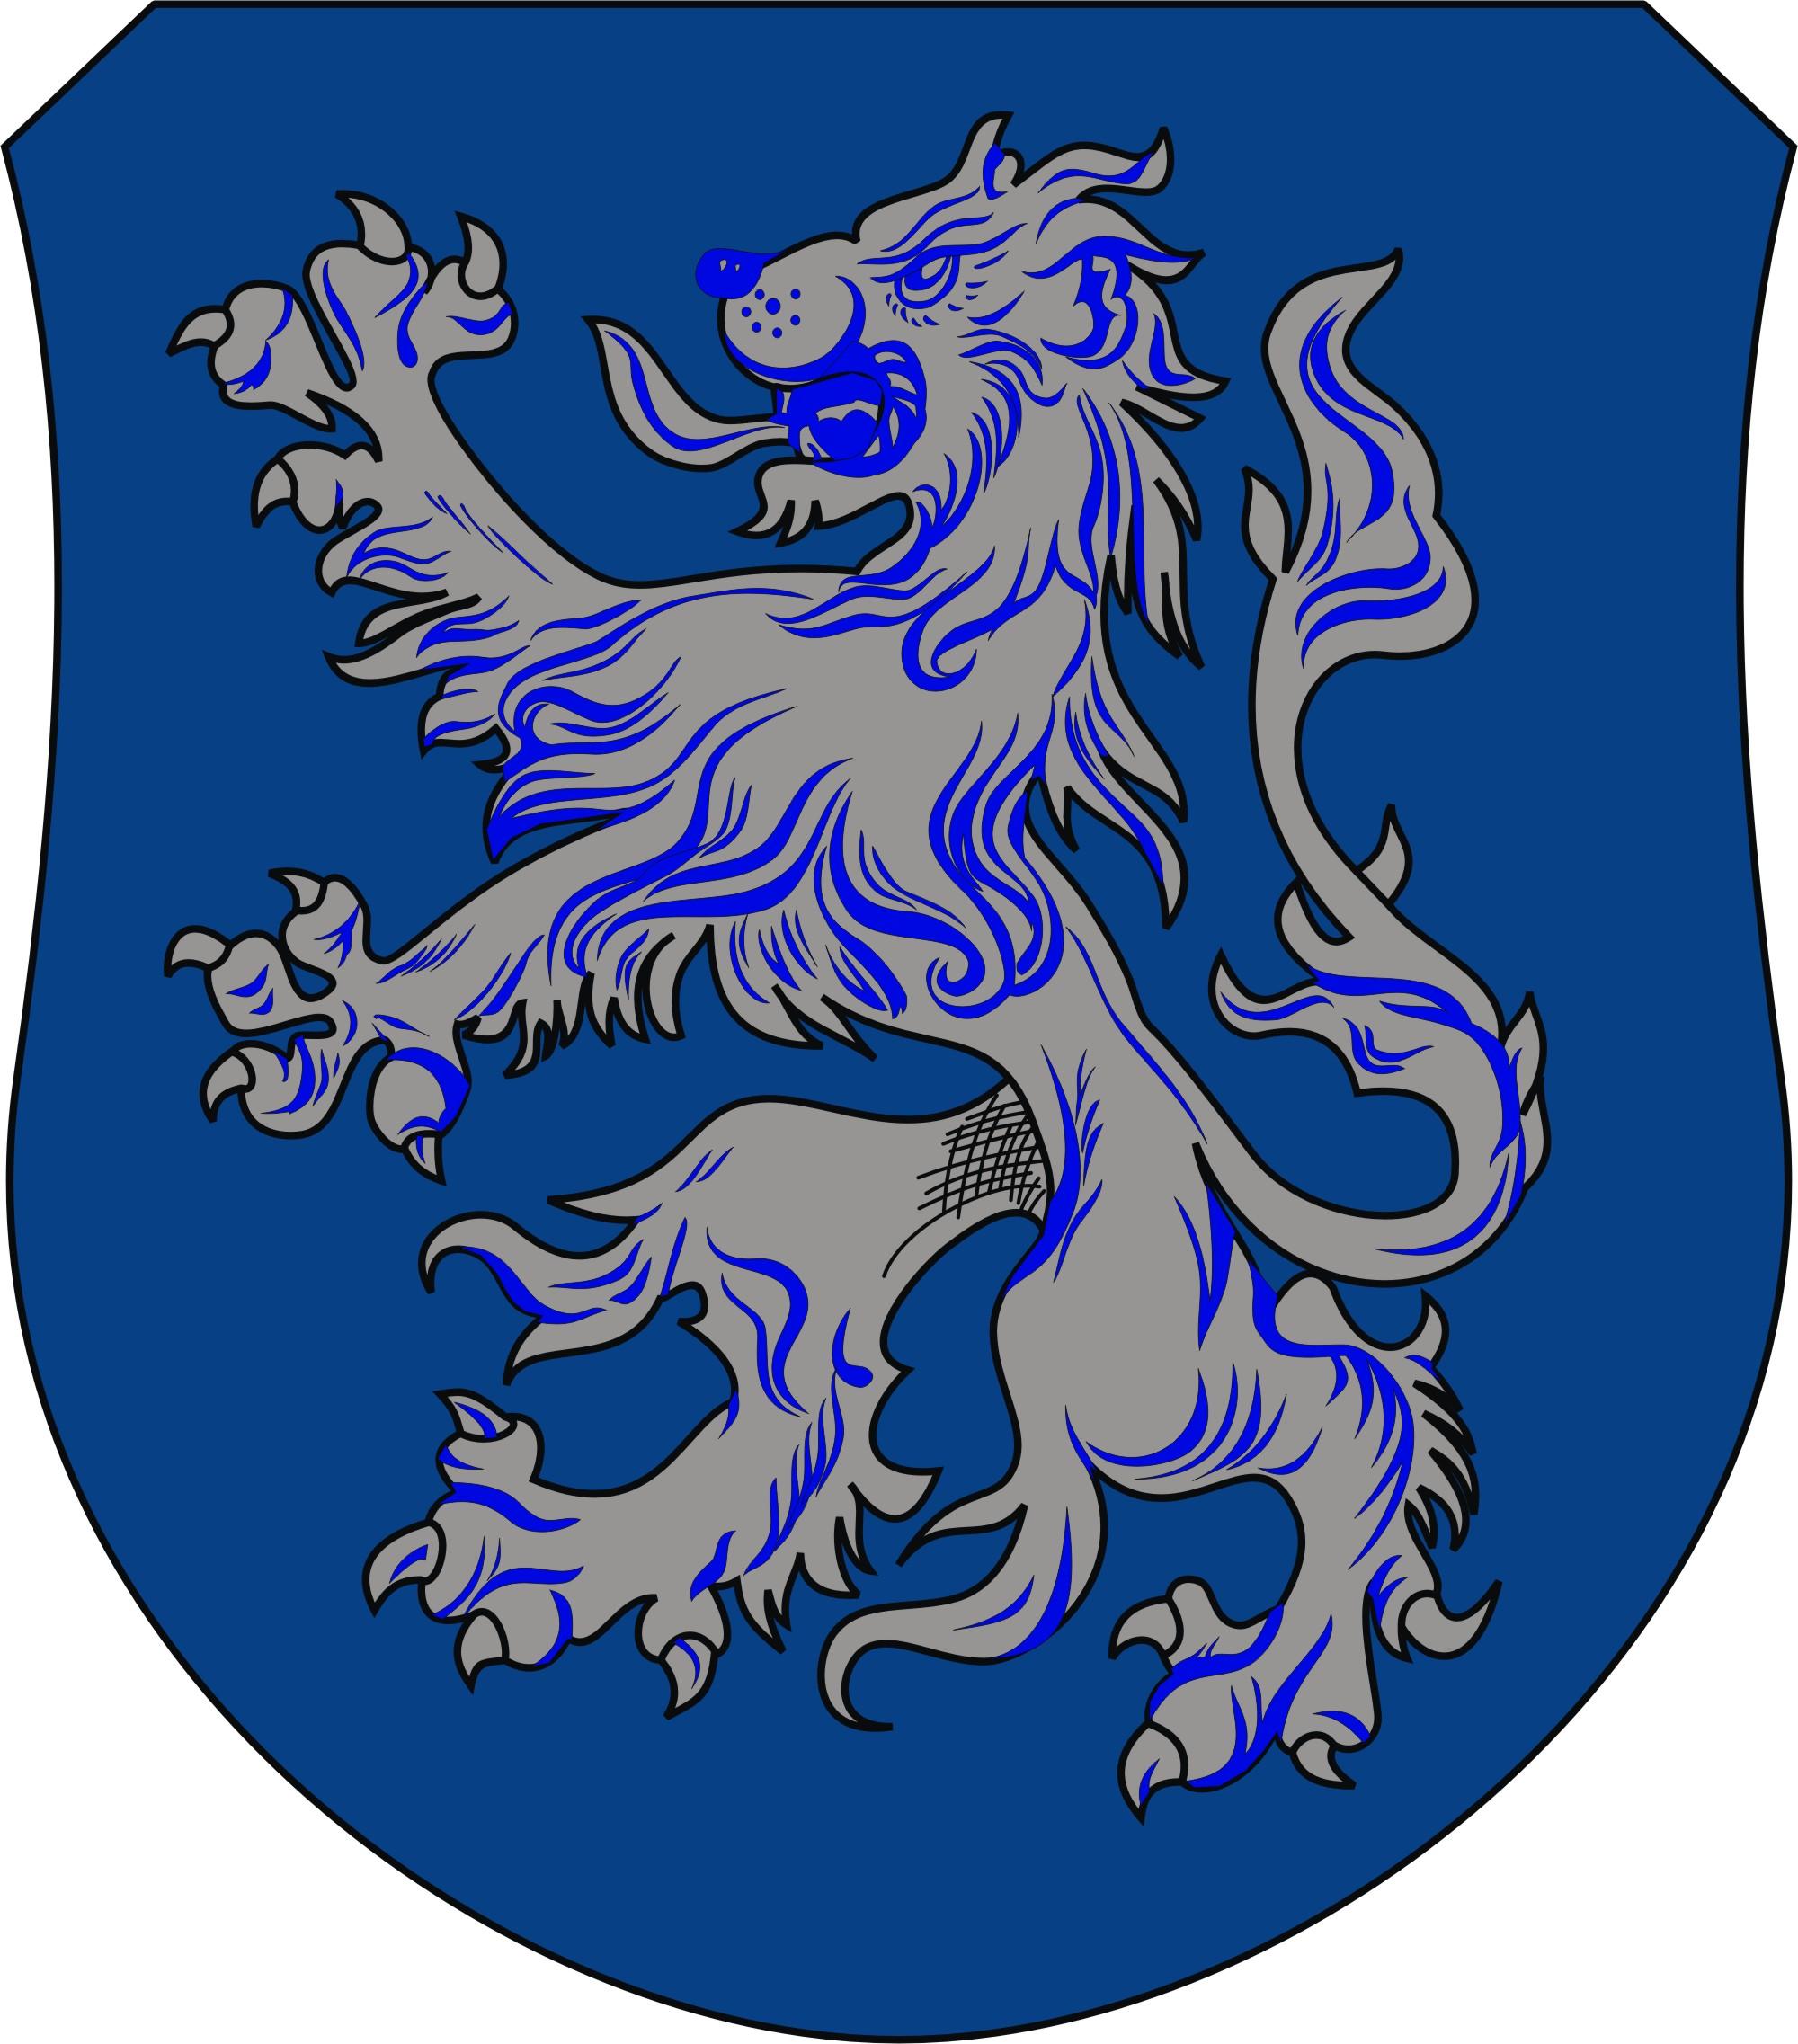 Filehun Hegyhtsl Coag Wikimedia Commons